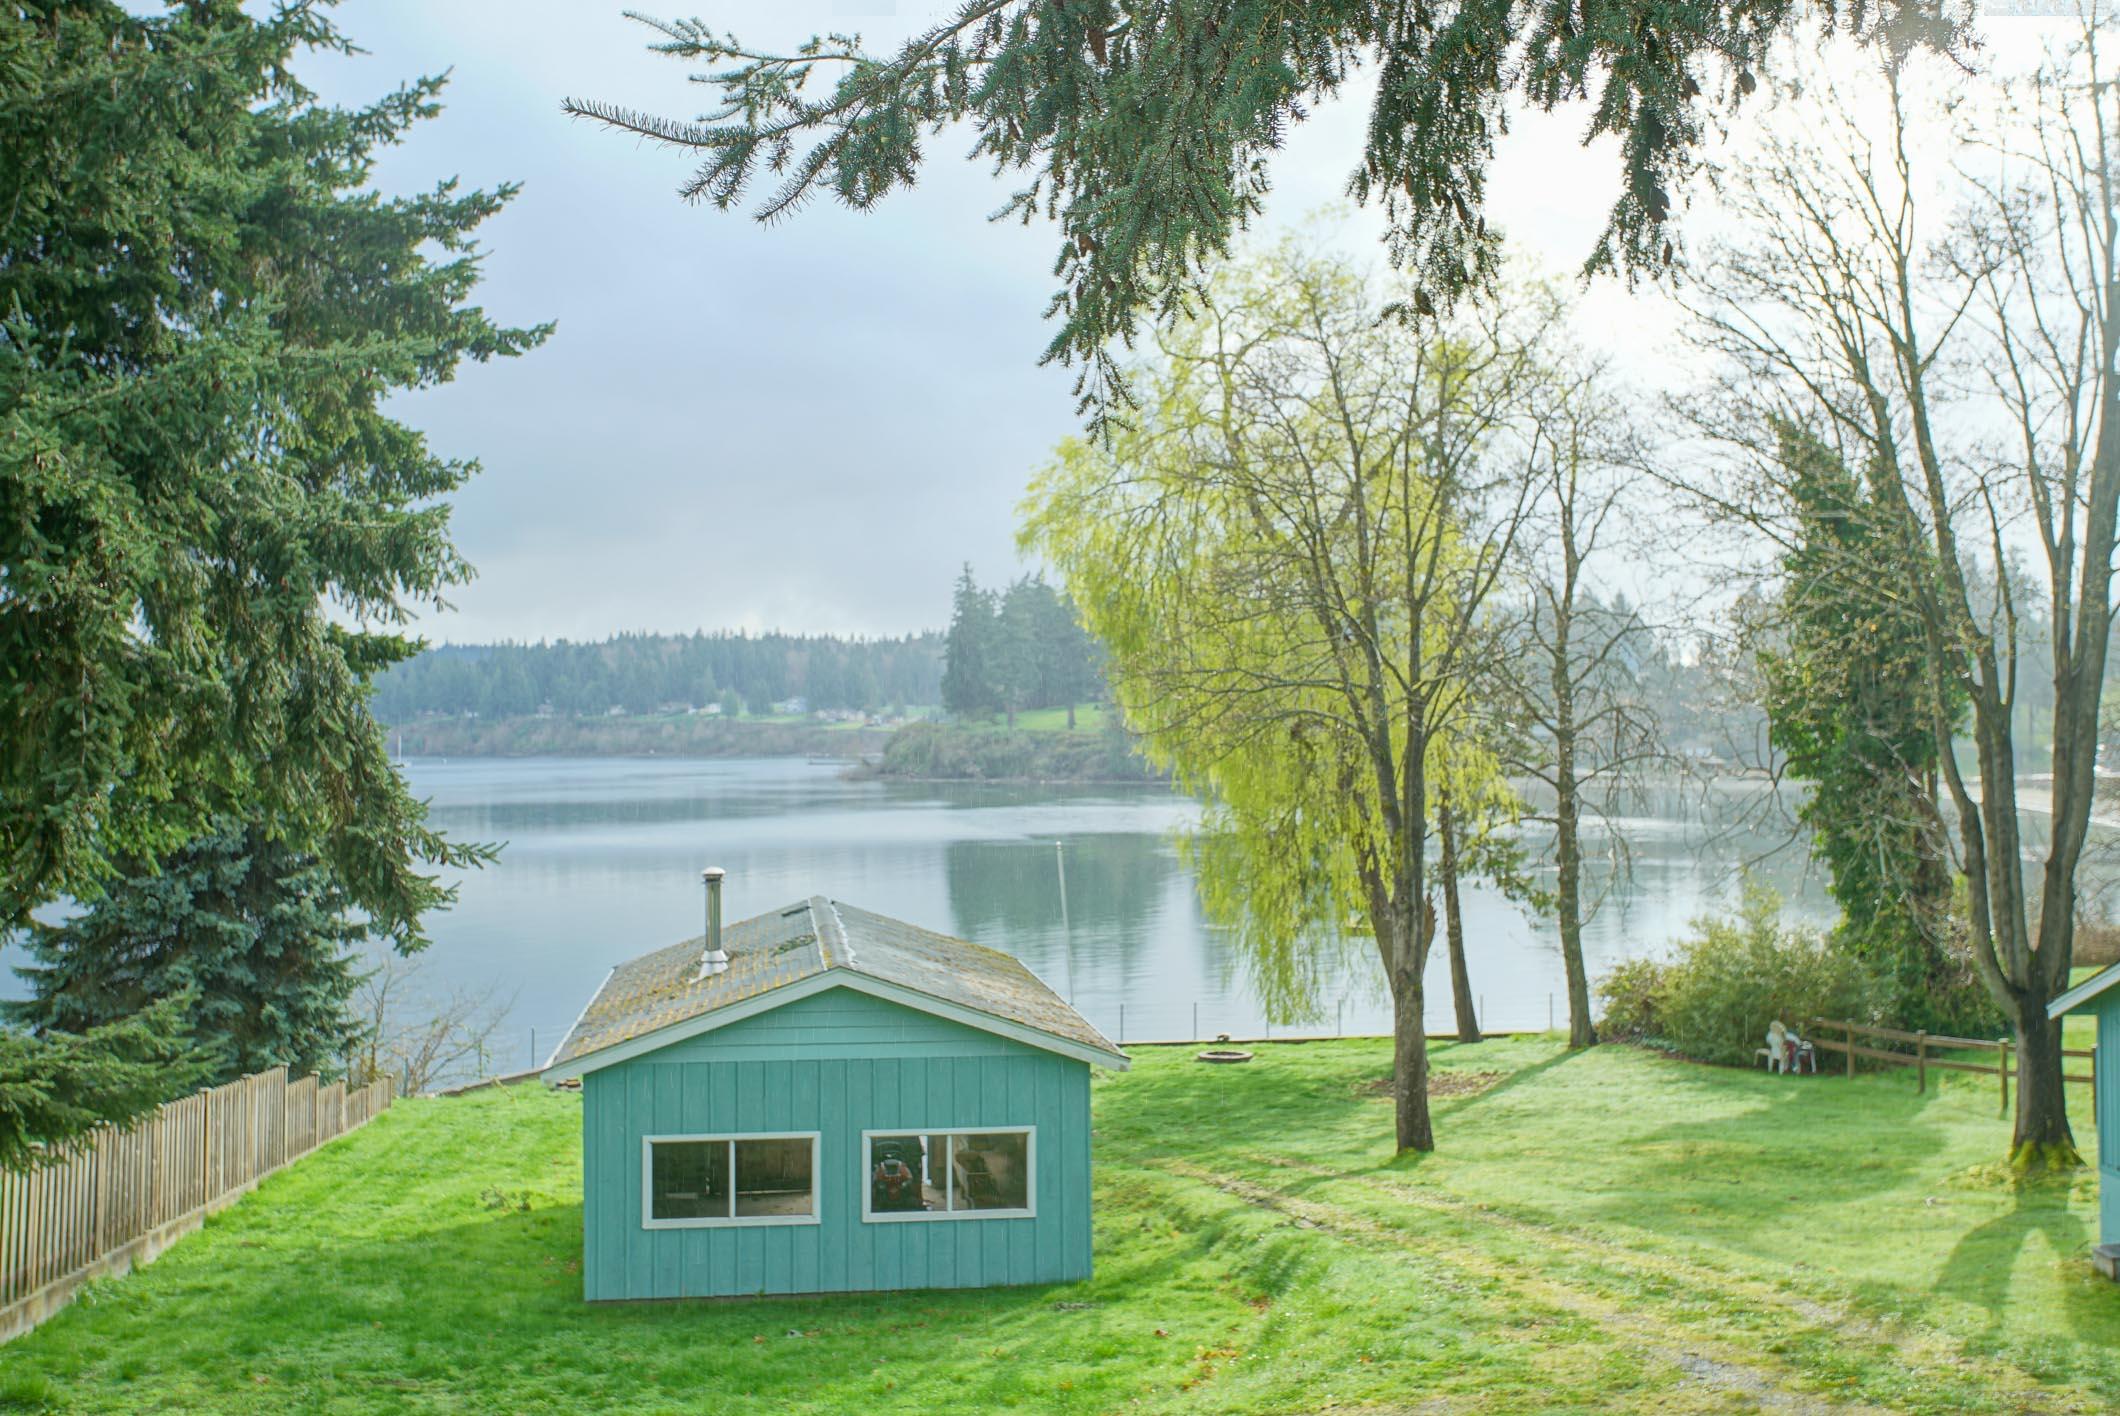 一戸建て のために 売買 アット Maschmedt & Jenkins 5349 Bercot Rd Freeland, ワシントン, 98249 アメリカ合衆国